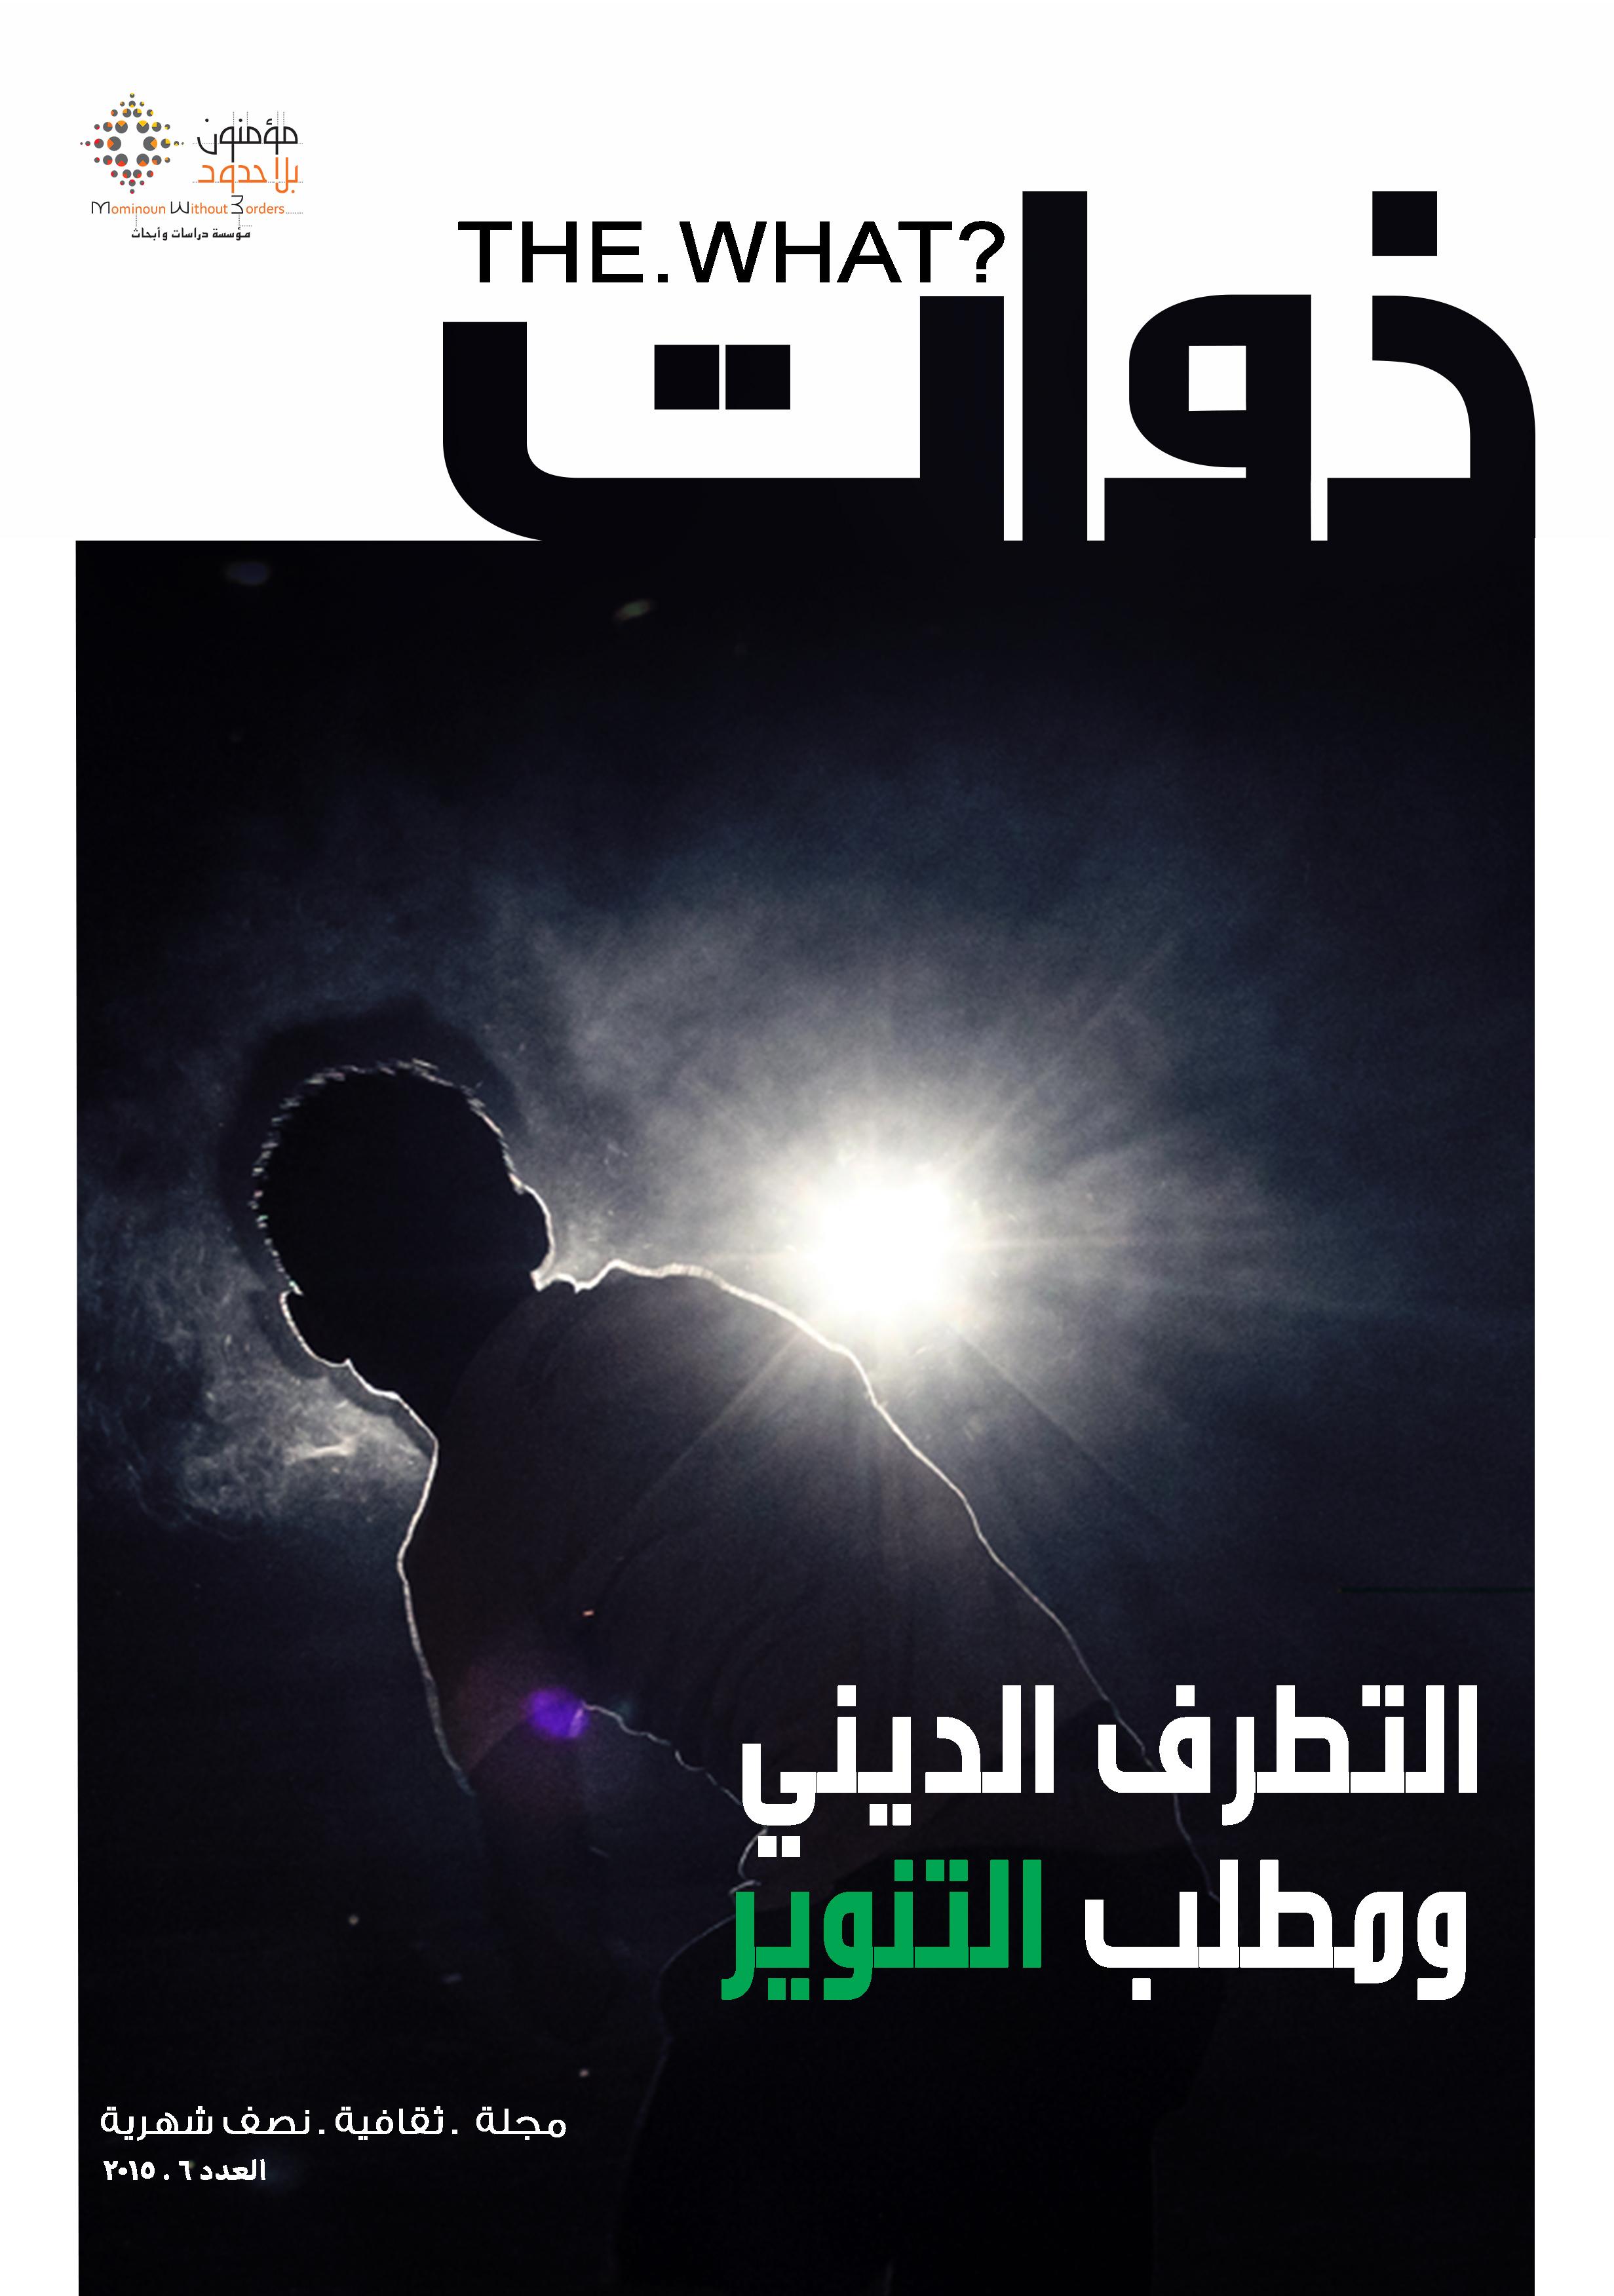 العدد السادس من مجلة ذوات التطرف الديني ومطلب التنوير